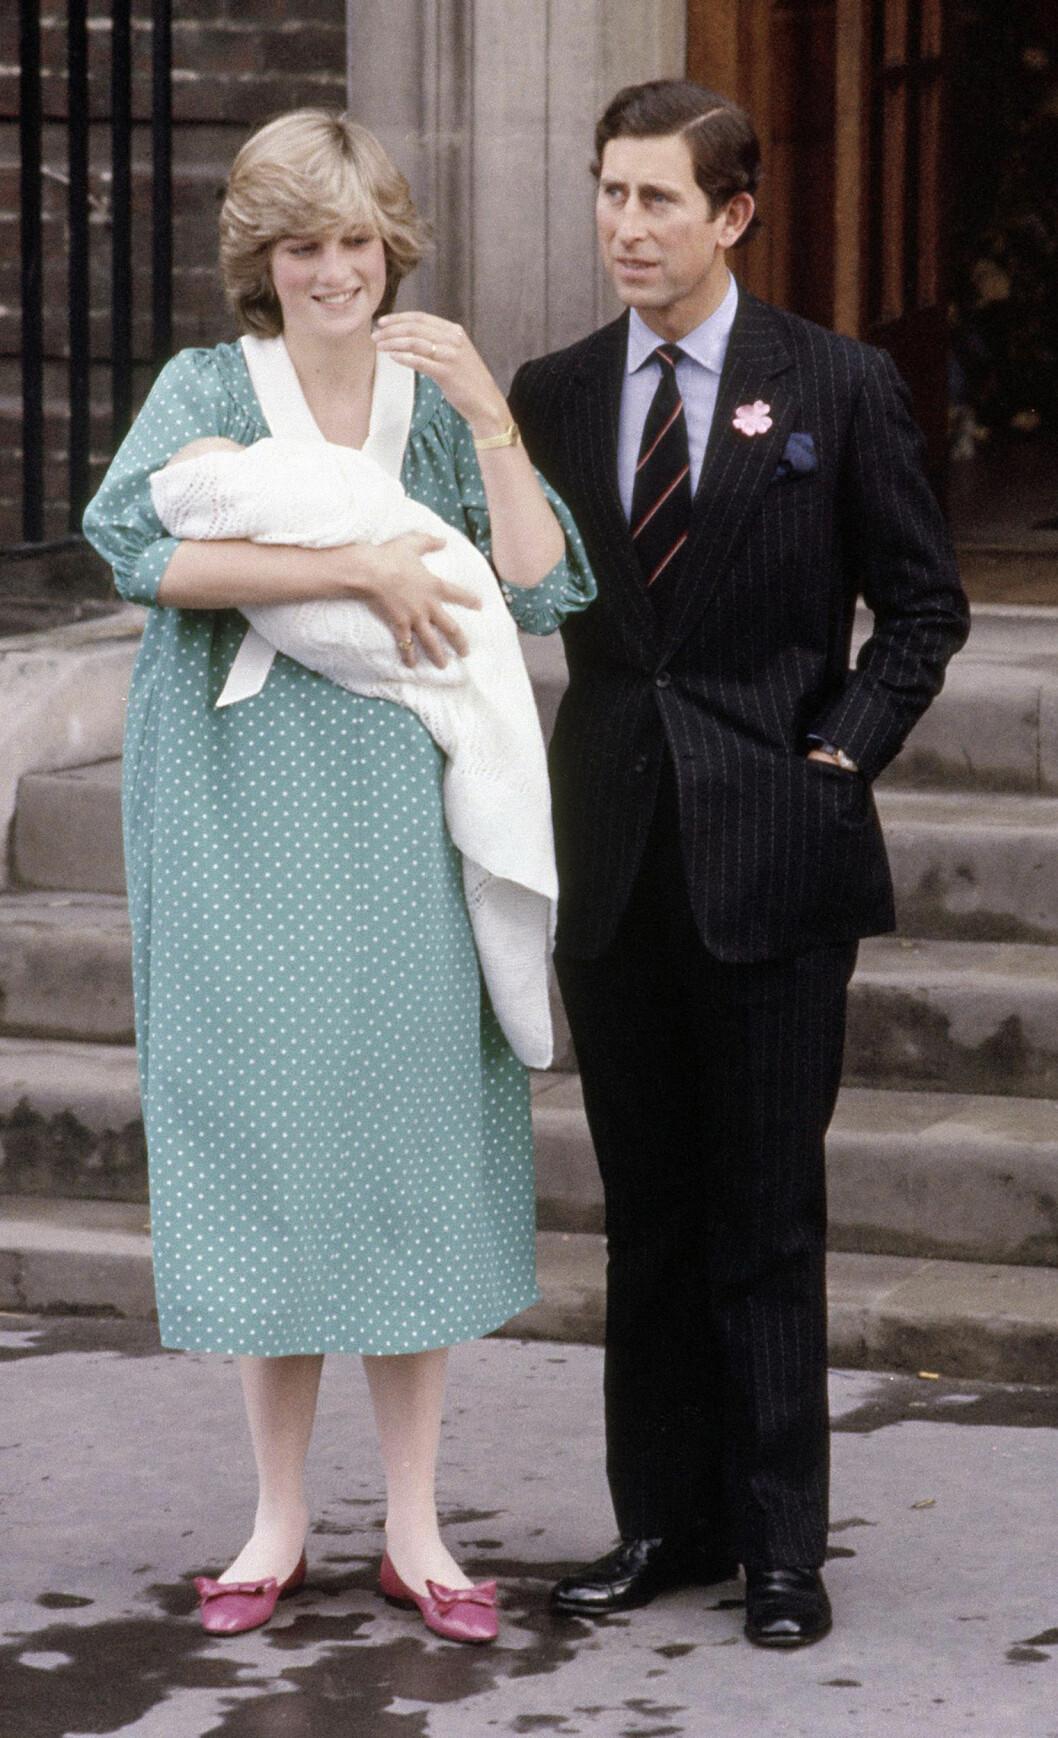 DEN GANG DA: Dagen etter at prins William ble født 21. juni 1982, viste de stolte foreldrene Diana og Charles fram sin lille prins utenfor St. Mary's Hospital i Paddington. Foto: NTB Scanpix